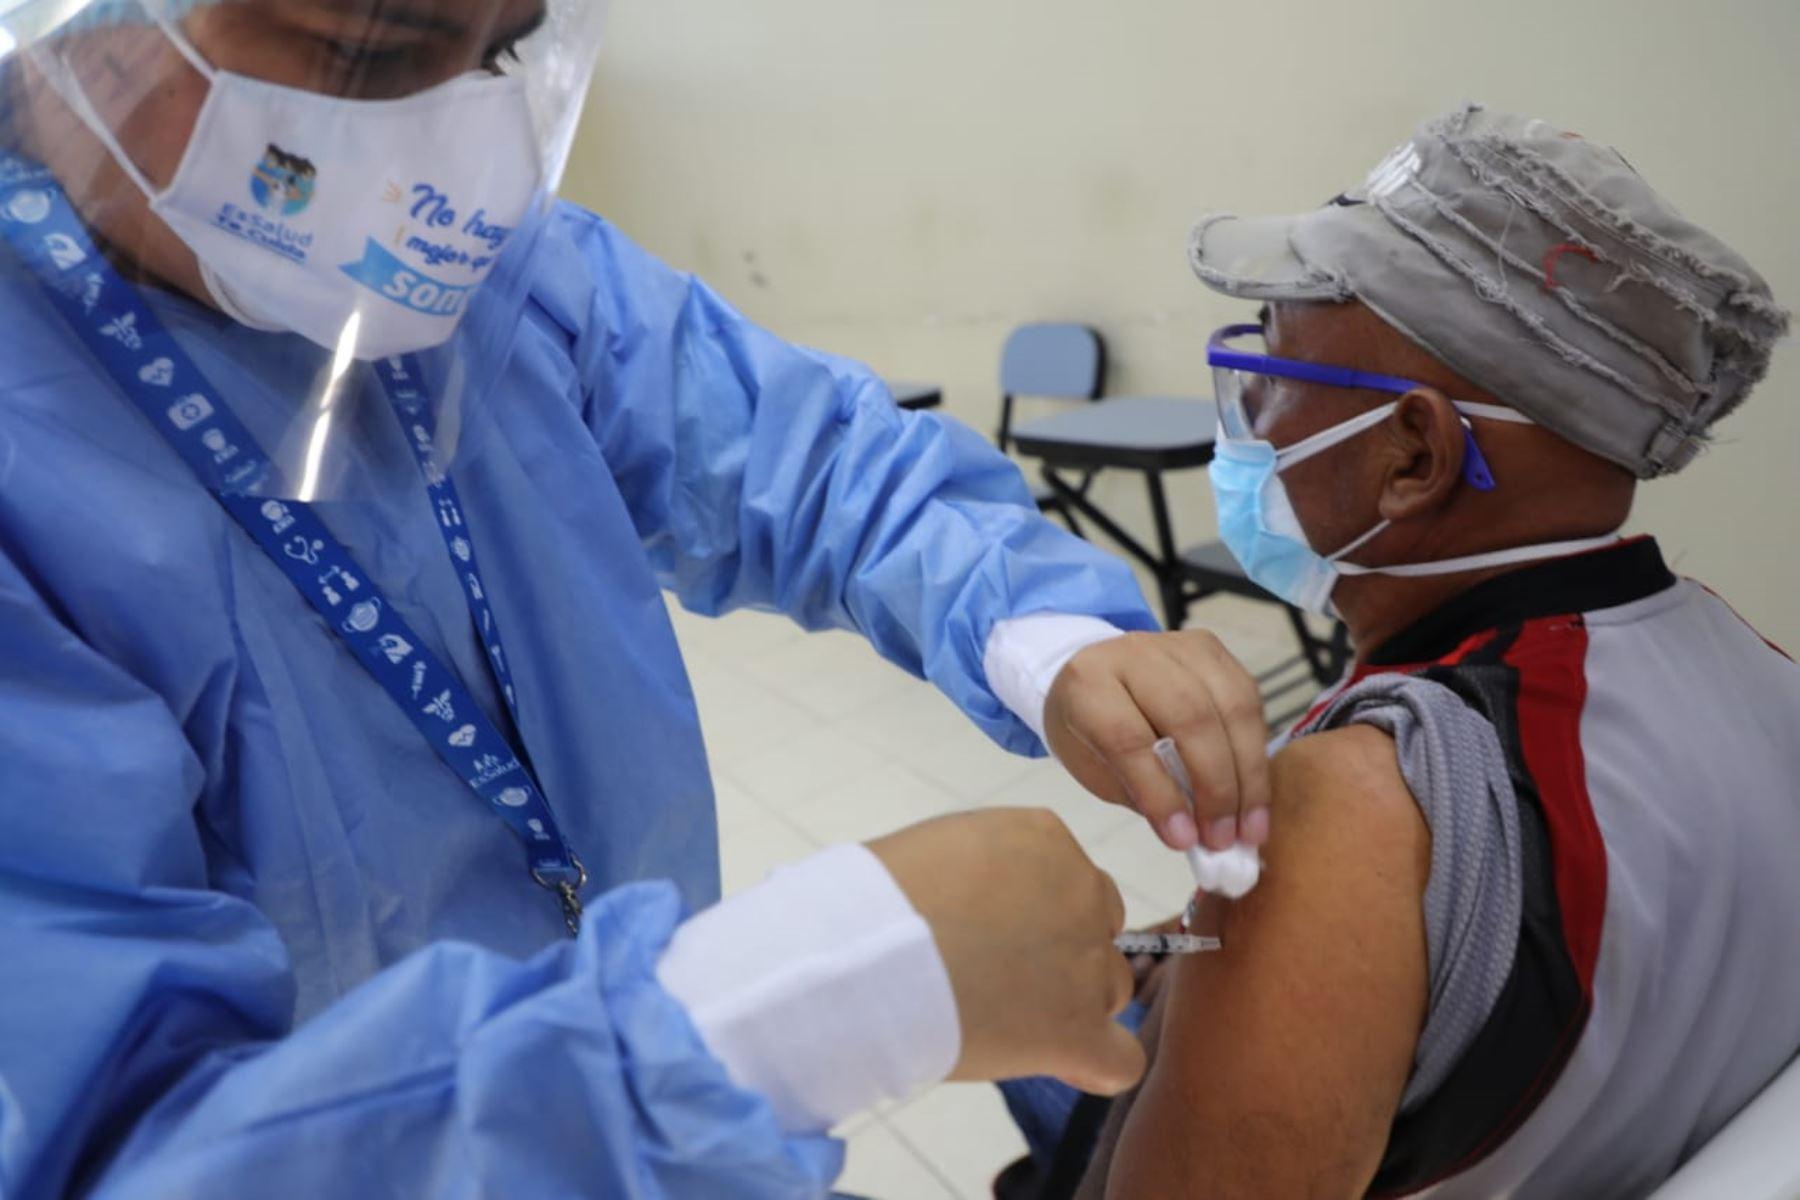 El Seguro Social de Salud, EsSalud, culminó la primera etapa de inmunización contra el covid-19 a cientos de trabajadores asistenciales, pertenecientes a los centros de atención primaria de Barranca, Chancay, Huaral, Oyón, Paramonga y Huaura, así como personal del Hospital Gustavo Lanatta Luján de Huacho, pertenecientes a red Sabogal. Foto: EsSalud